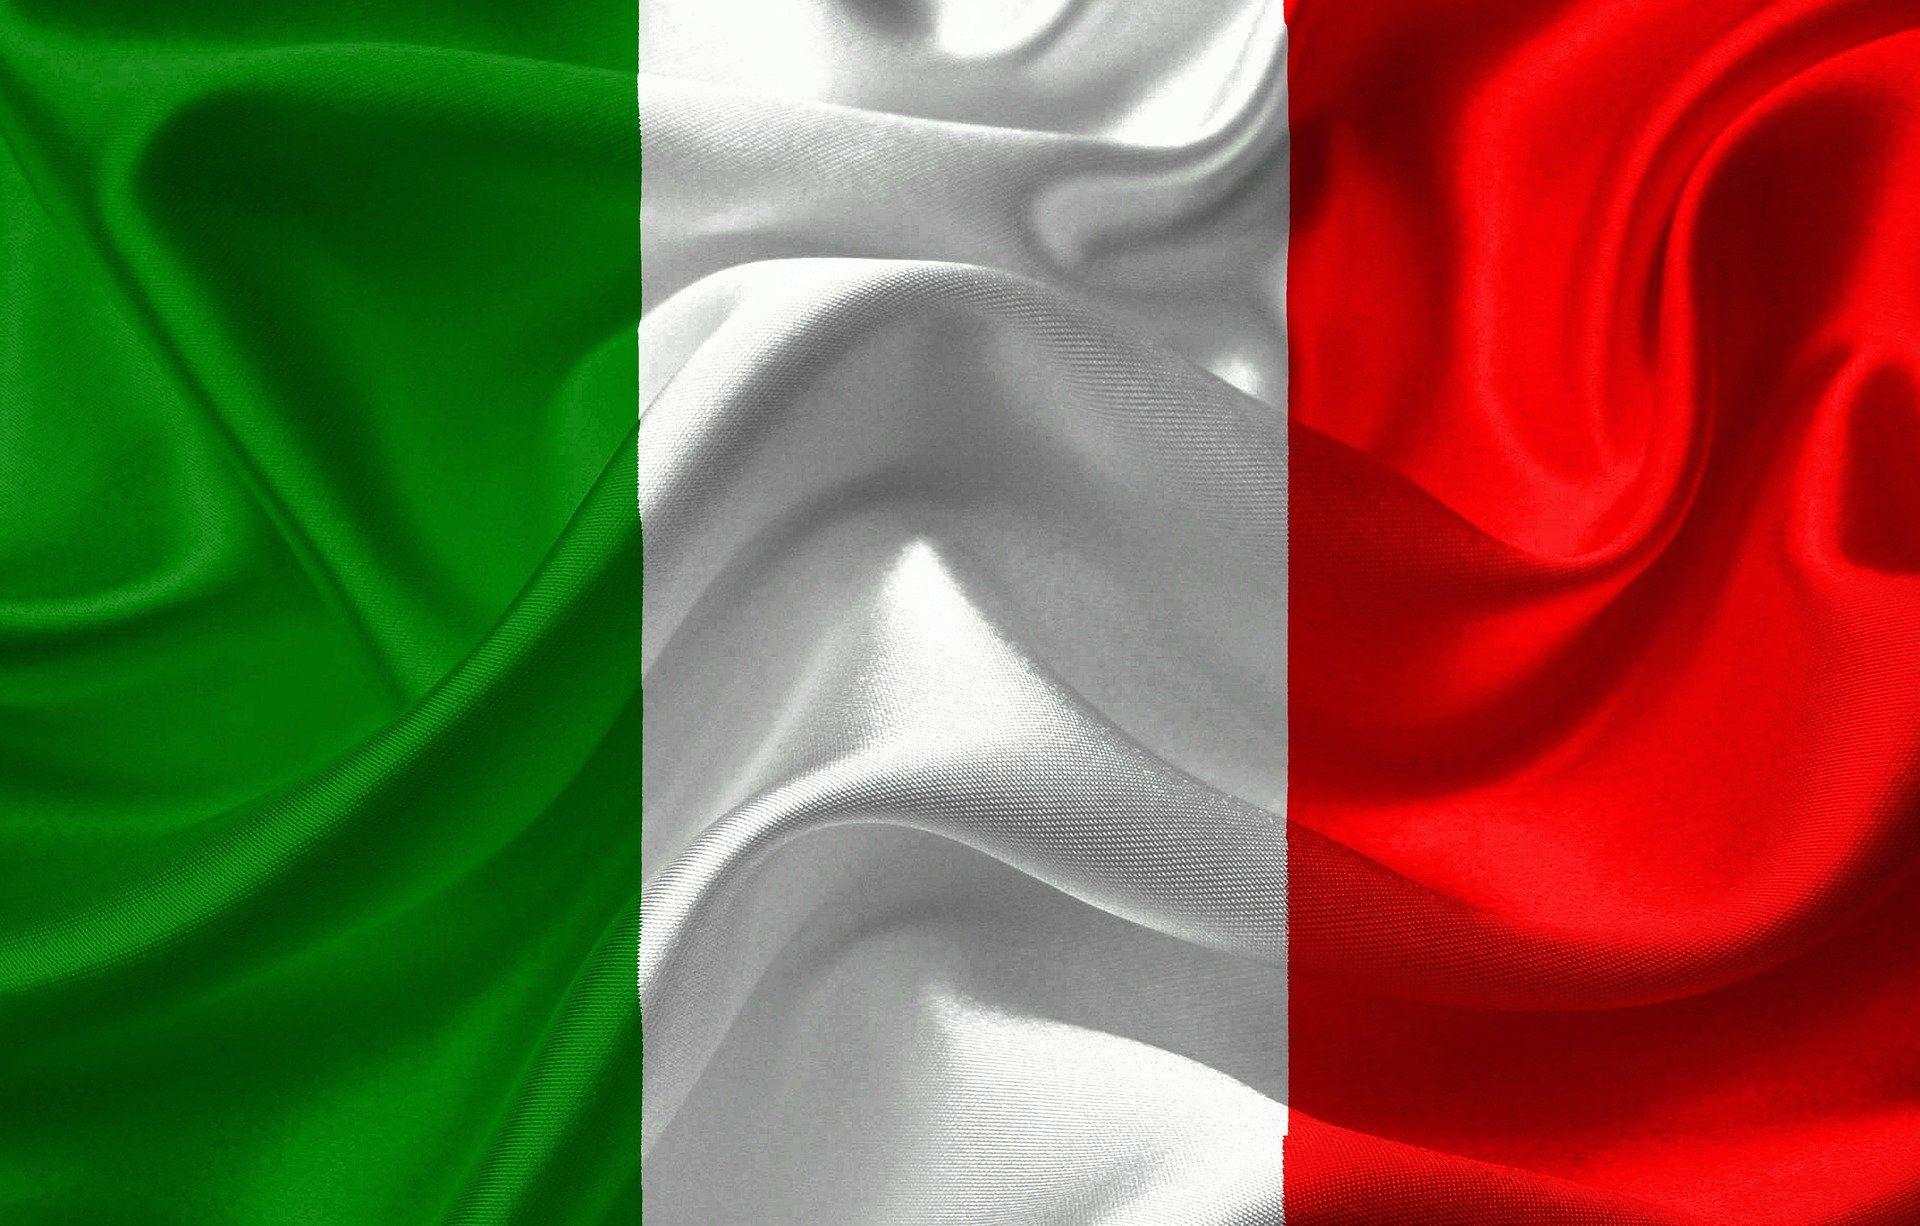 Italy 1460295 1920